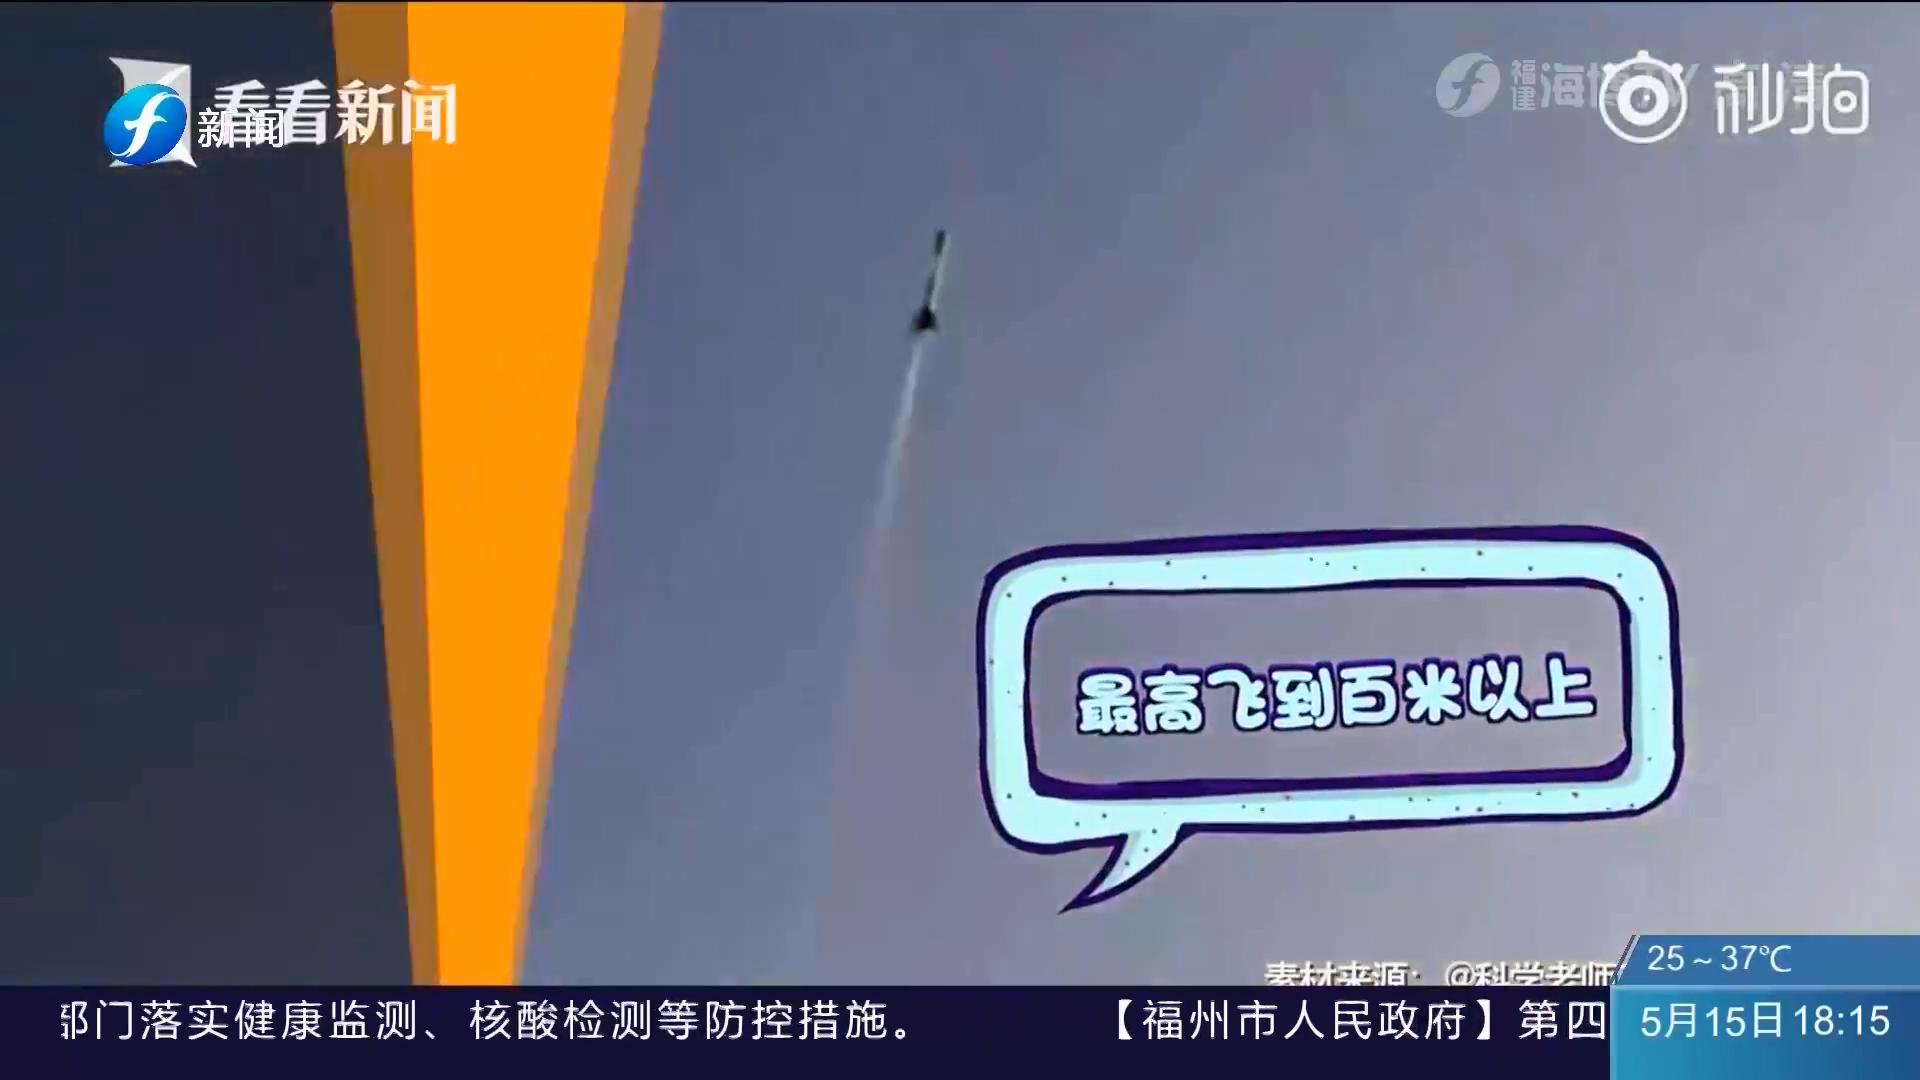 超燃!师生用塑料瓶自制火箭发射成功